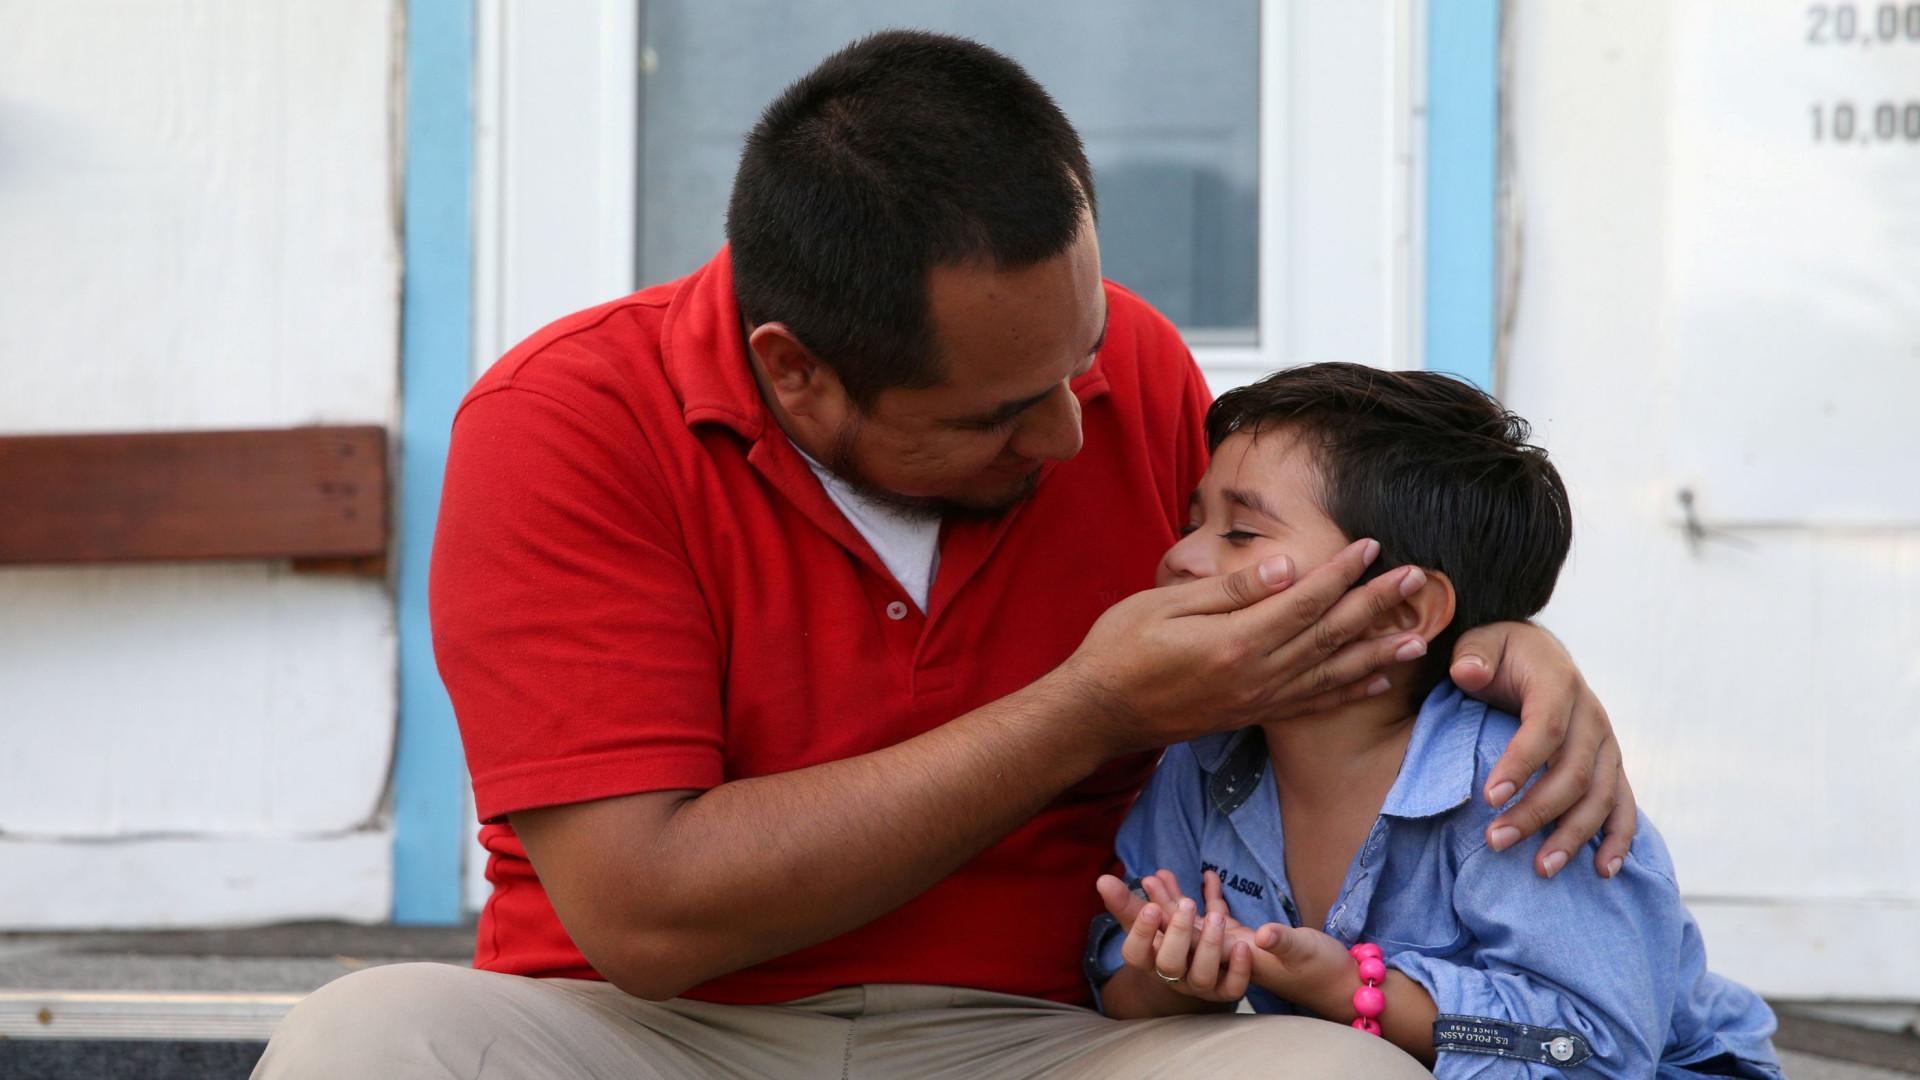 Juiz nos EUA ordena entrega de lista de pais separados das crianças